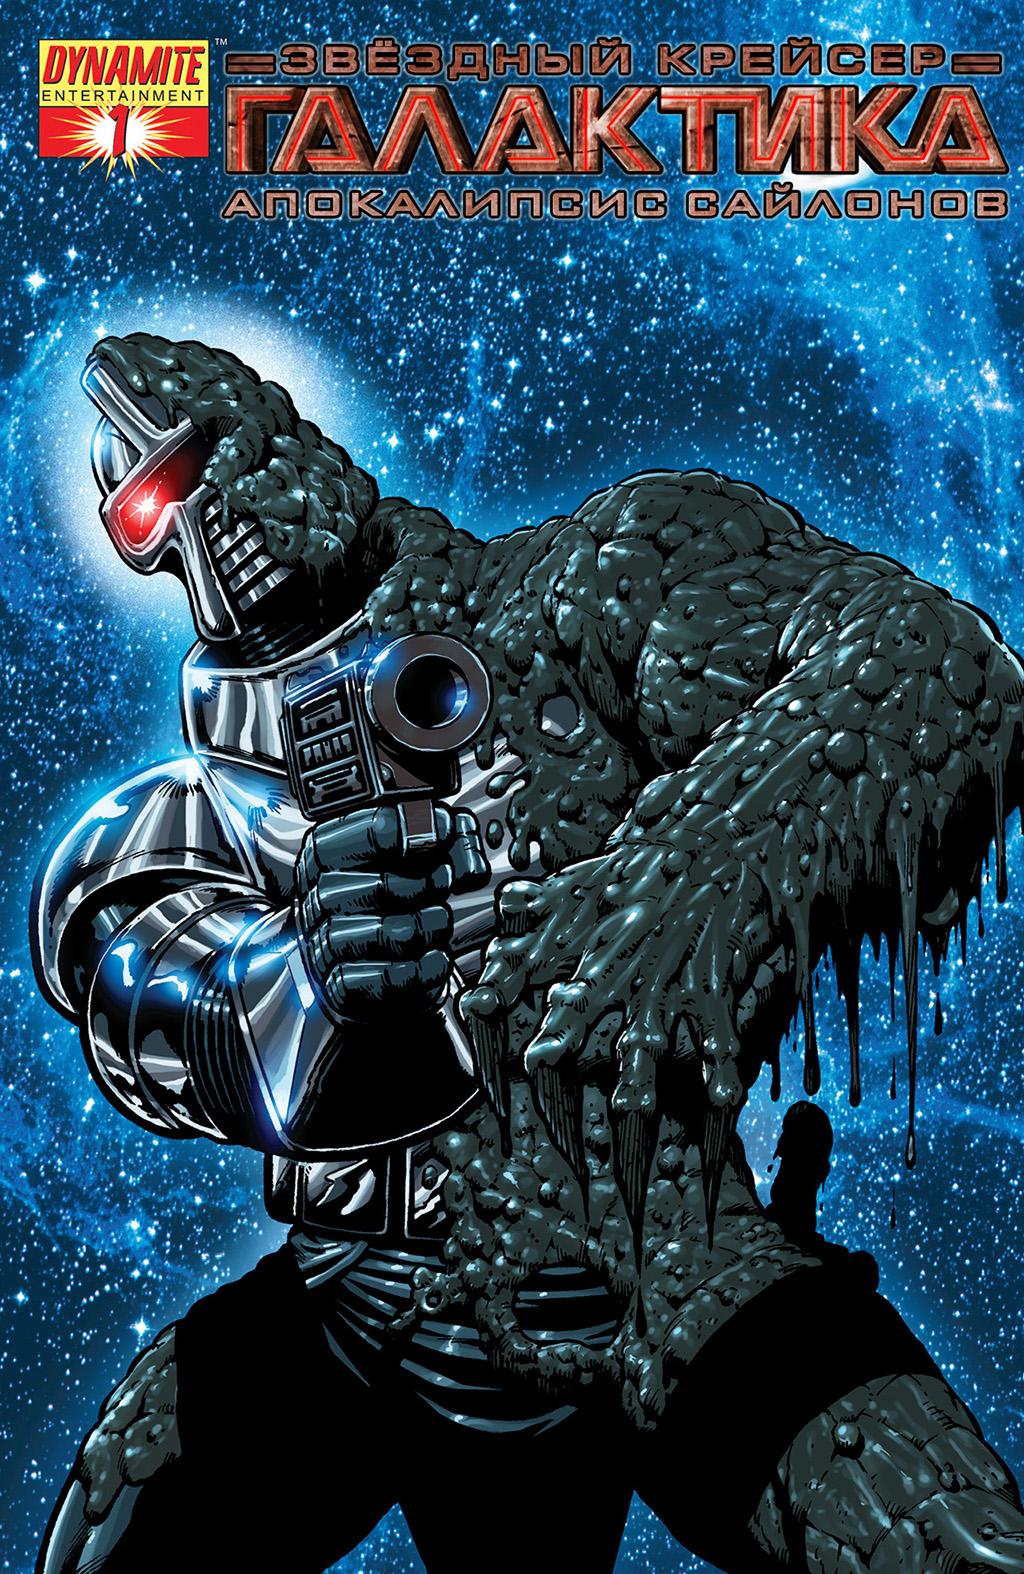 Комикс Звёздный Крейсер Галактика: Апокалипсис Сайлонов